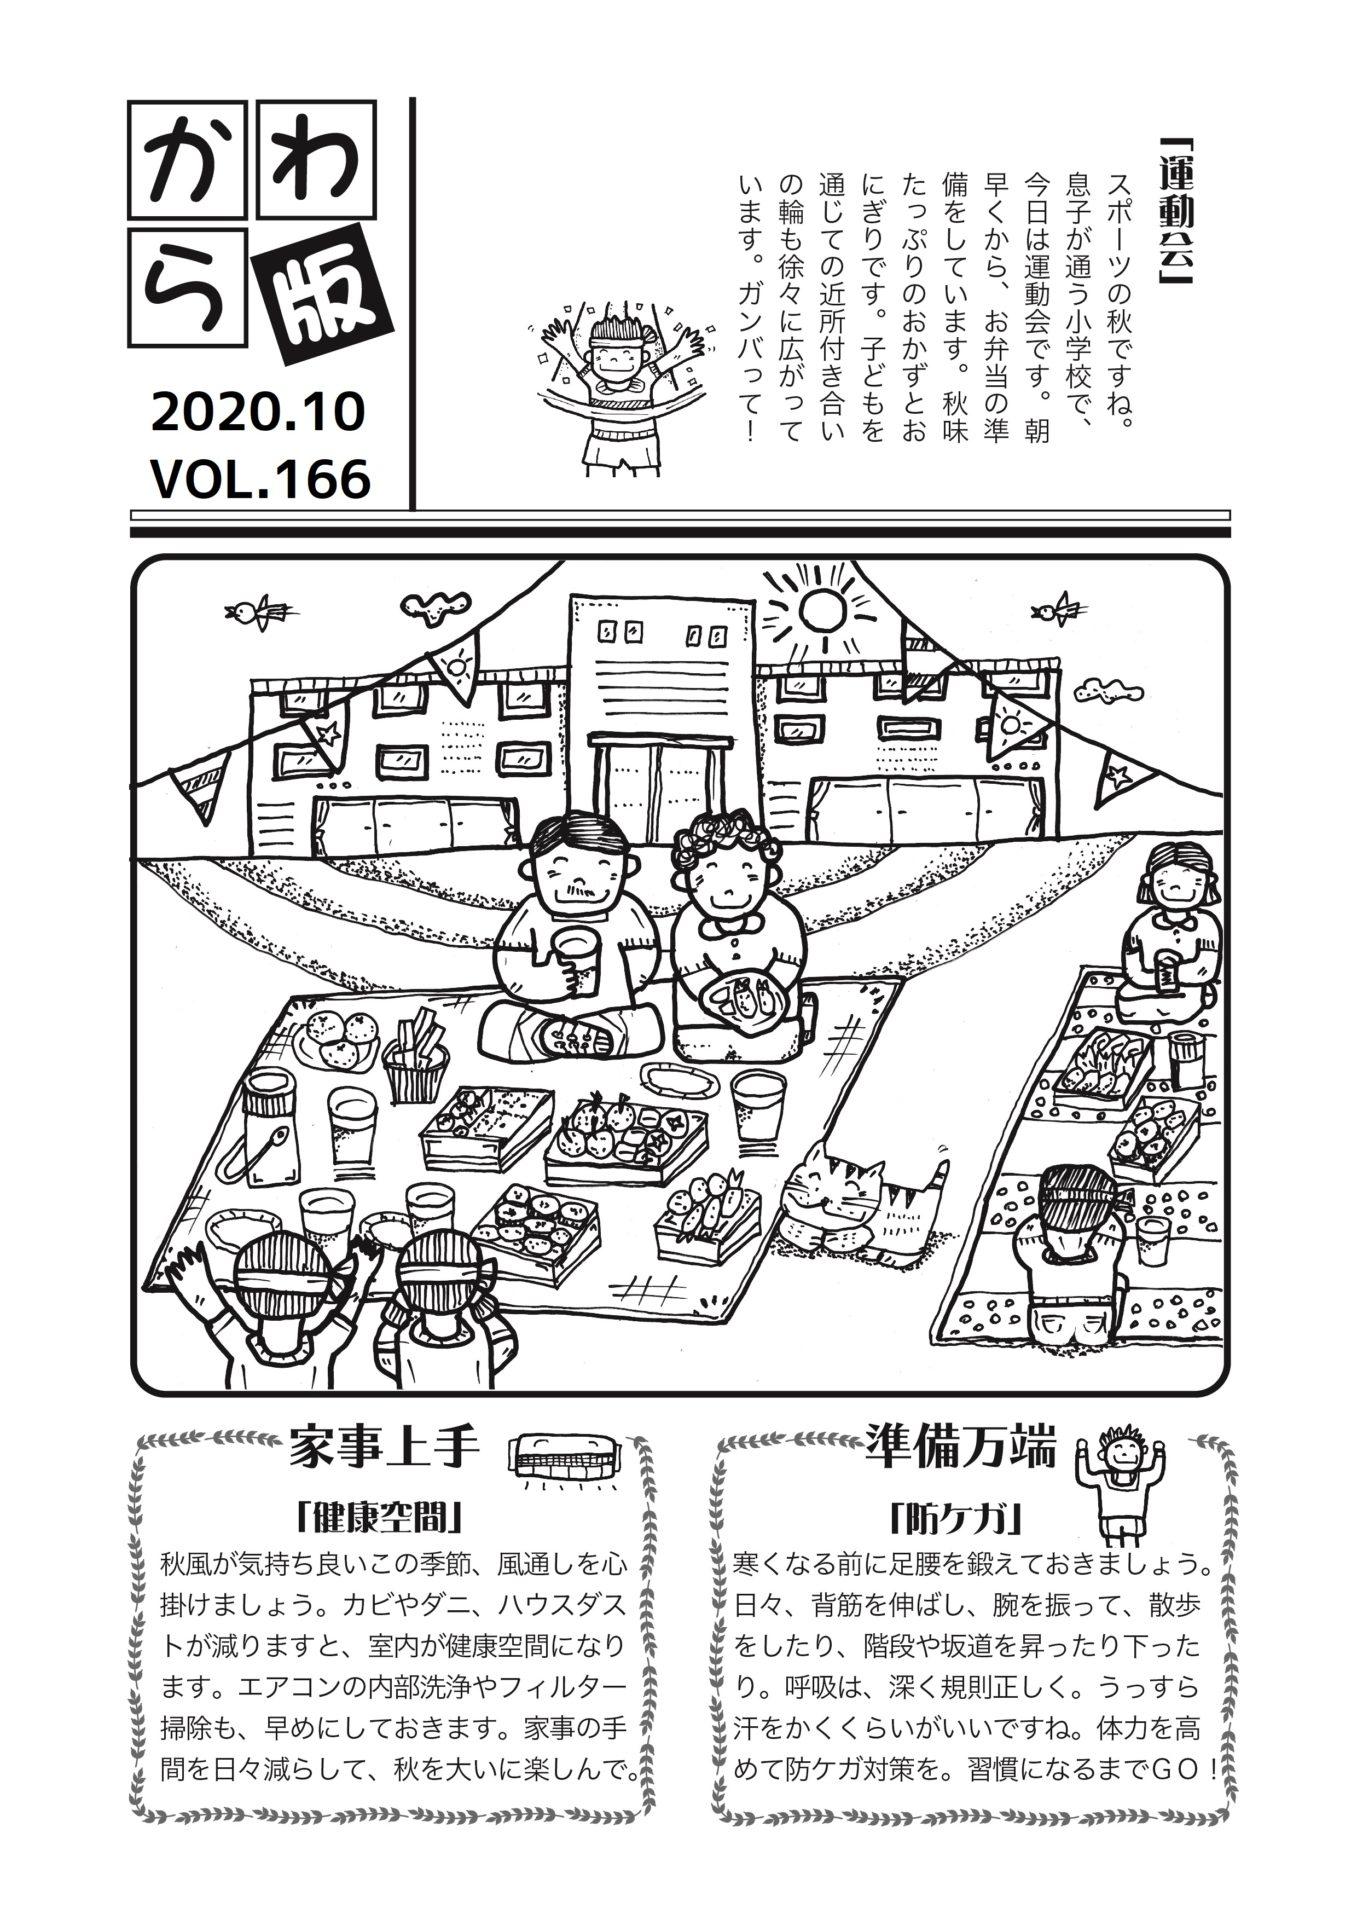 かわら版 vol.166 運動会